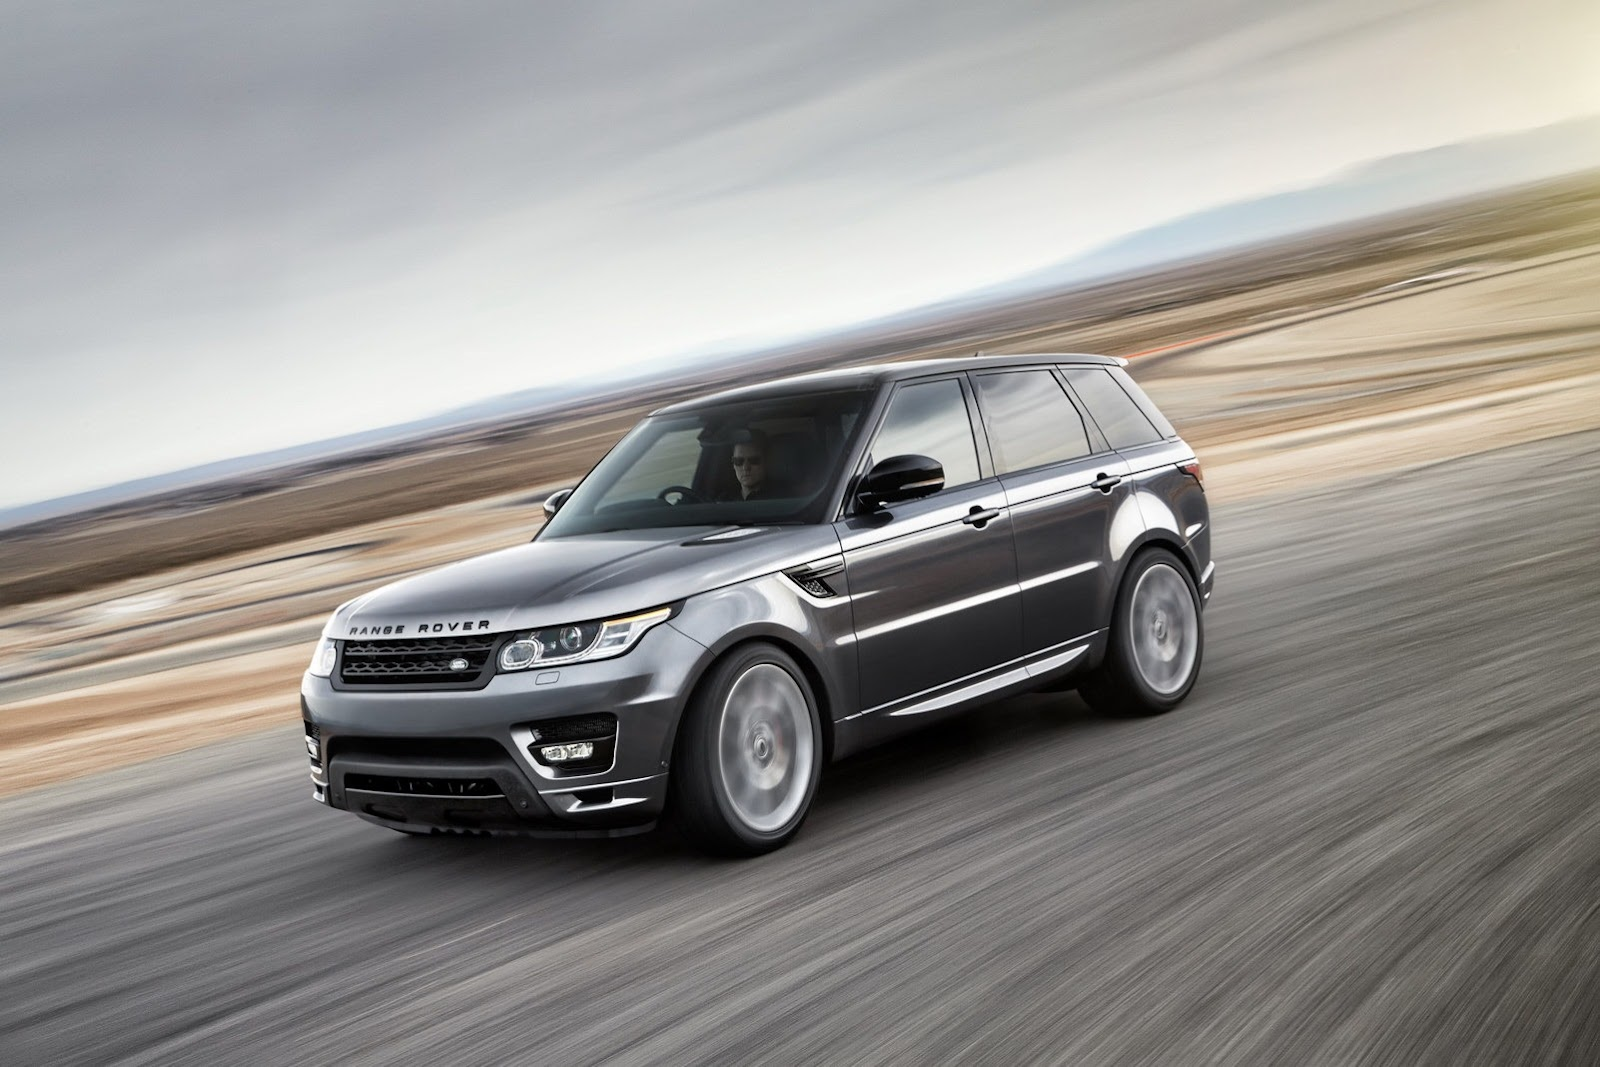 2014-Range-Rover-Sport-26[2].jpg